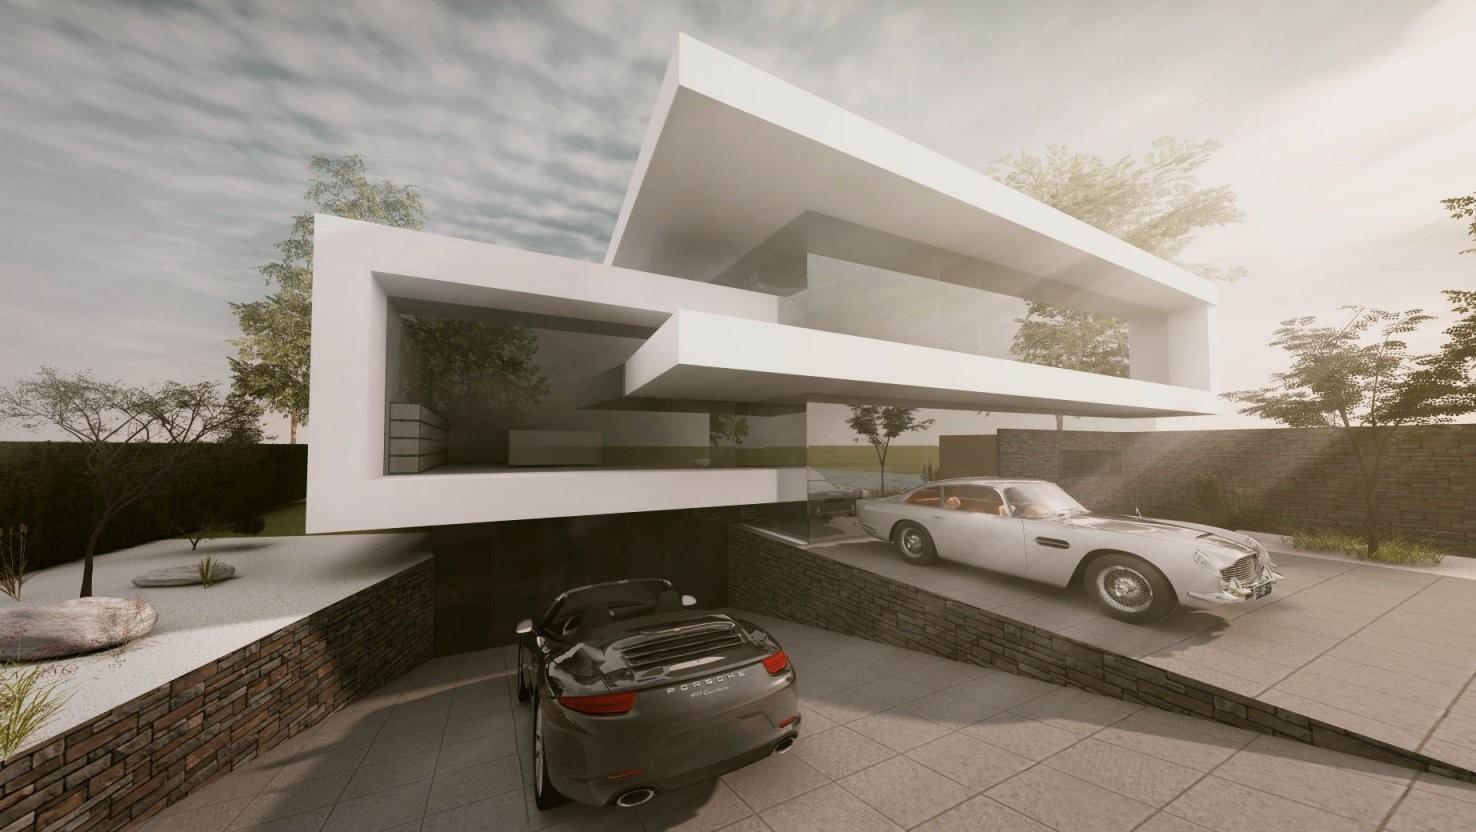 Moderne Häuser Bauen  Bilder  Haustypen  Avantecture von Moderne Häuser Von Innen Bild